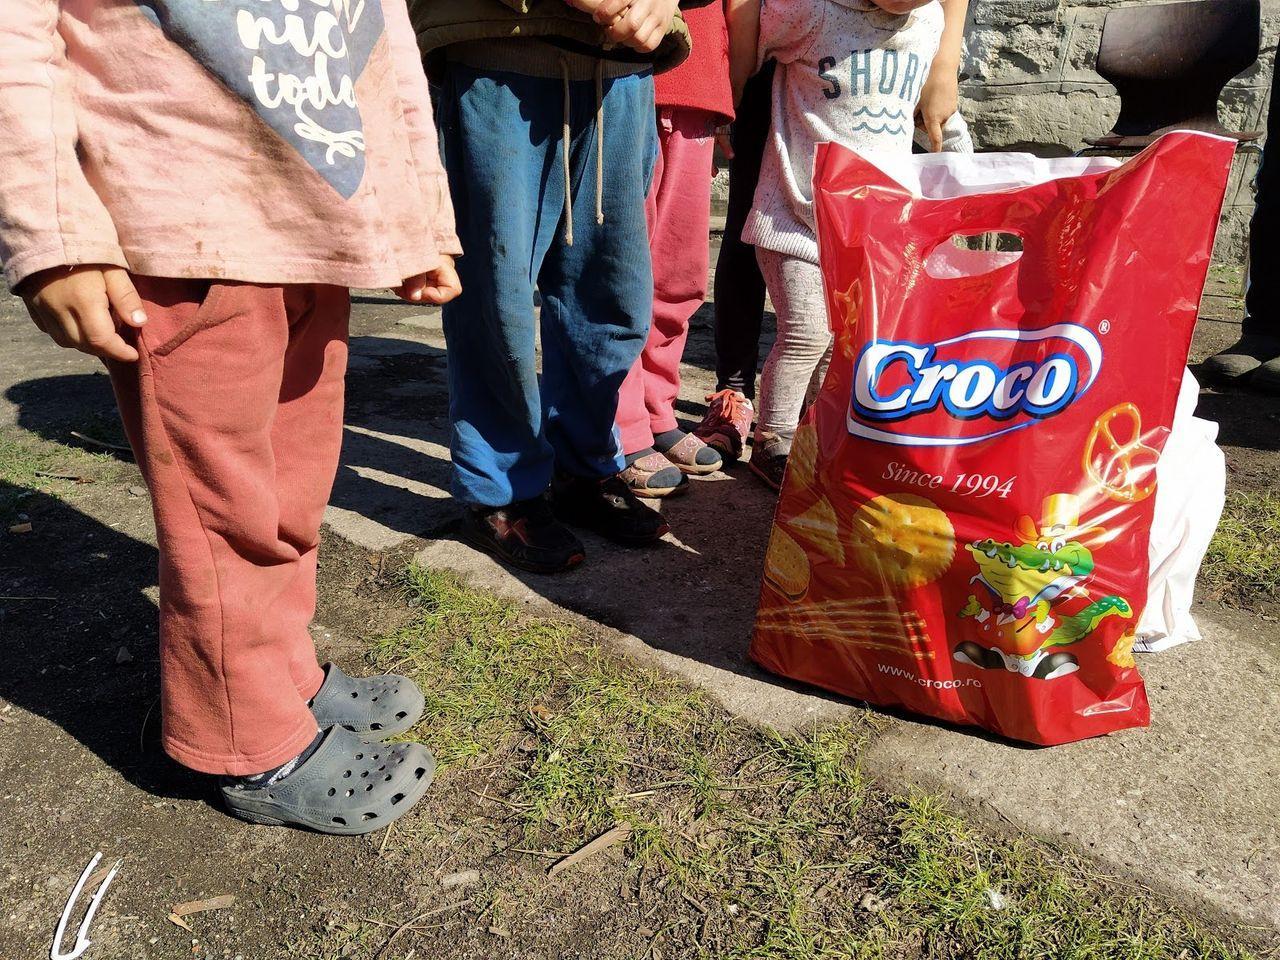 Élelmiszert az éhező gyerekeknek-Átadtuk az adományokat, másodszor is